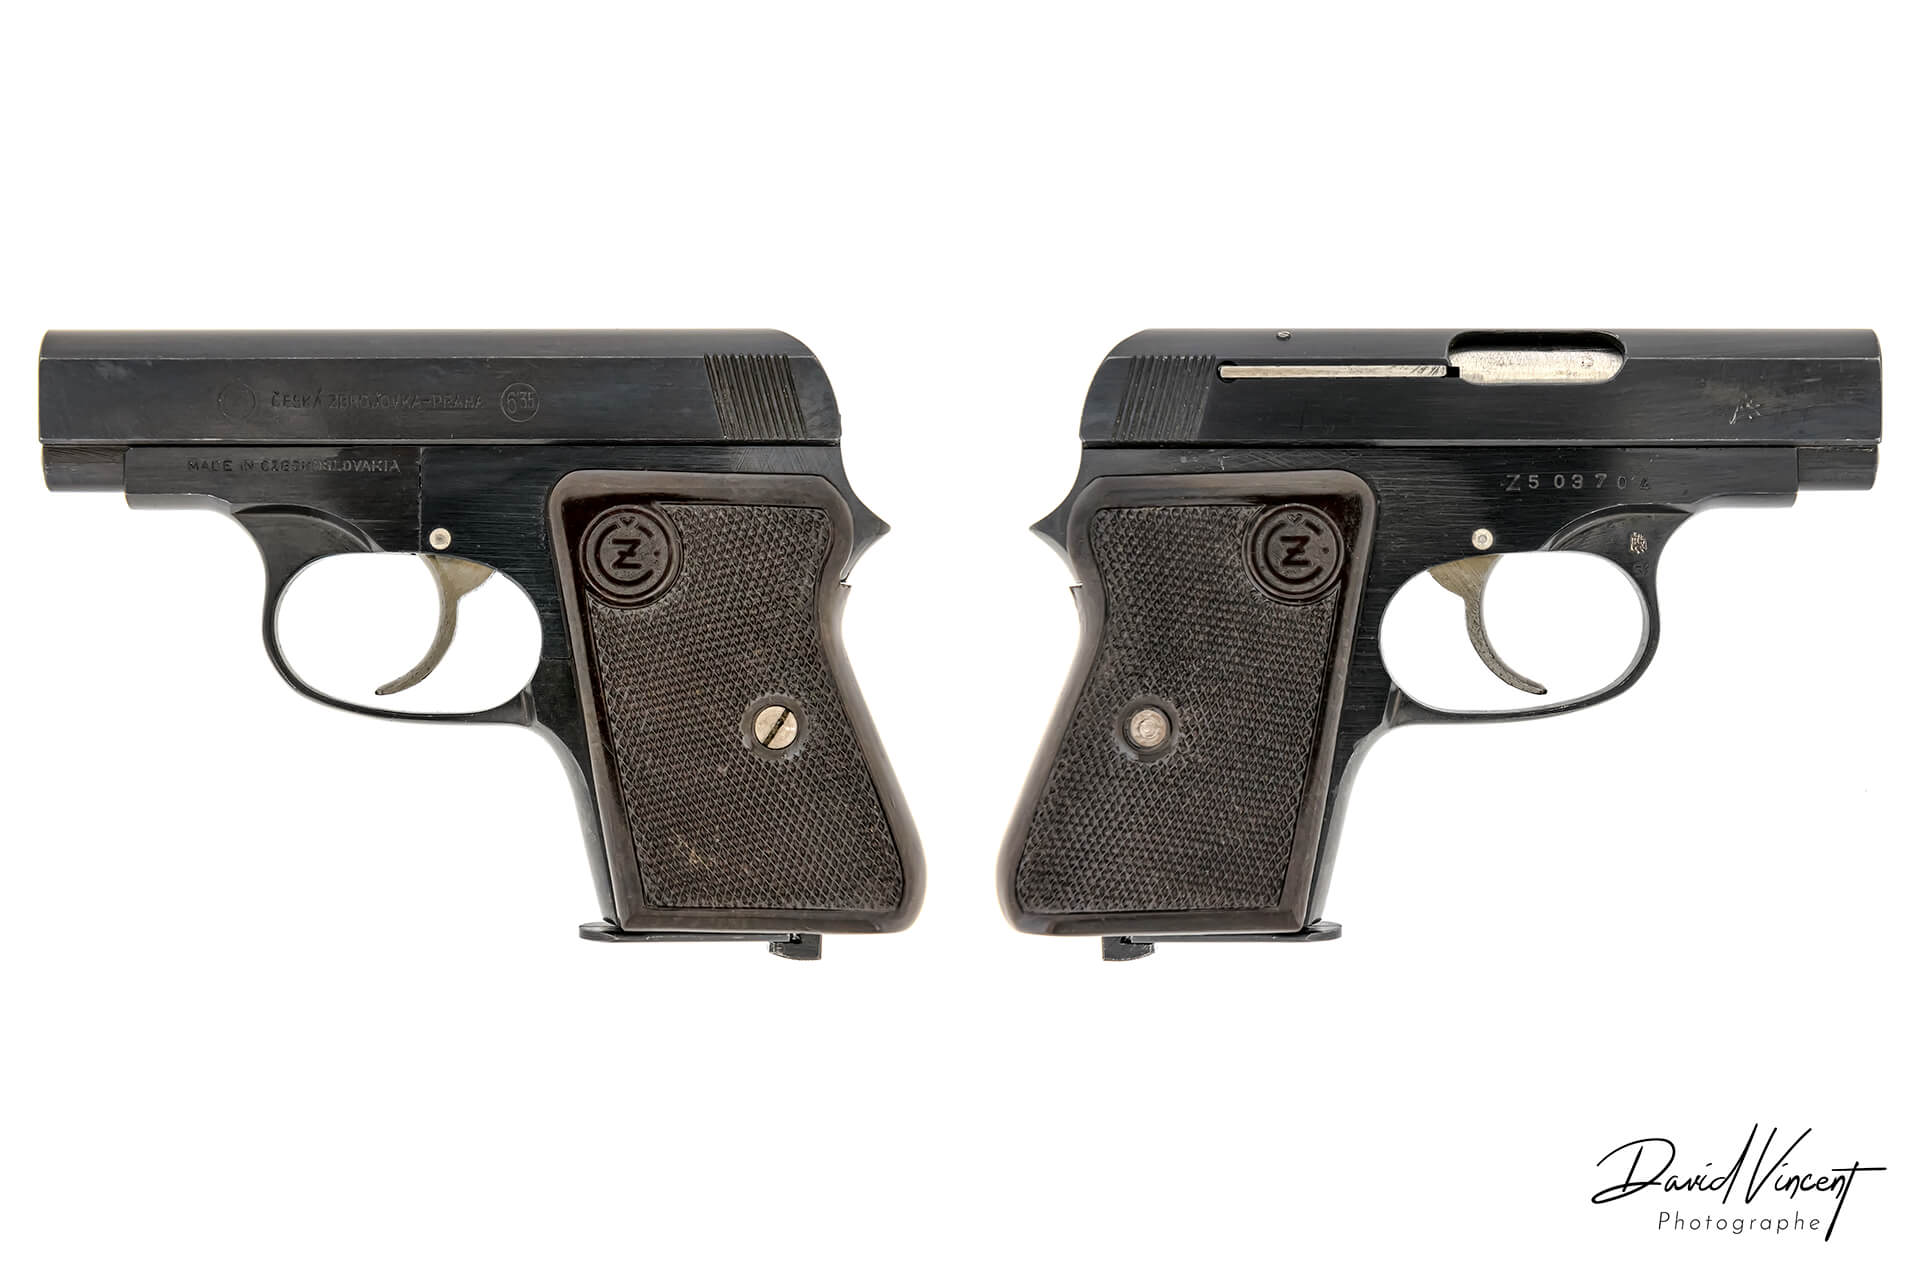 CZ 45 - Photographe d'armes à feu